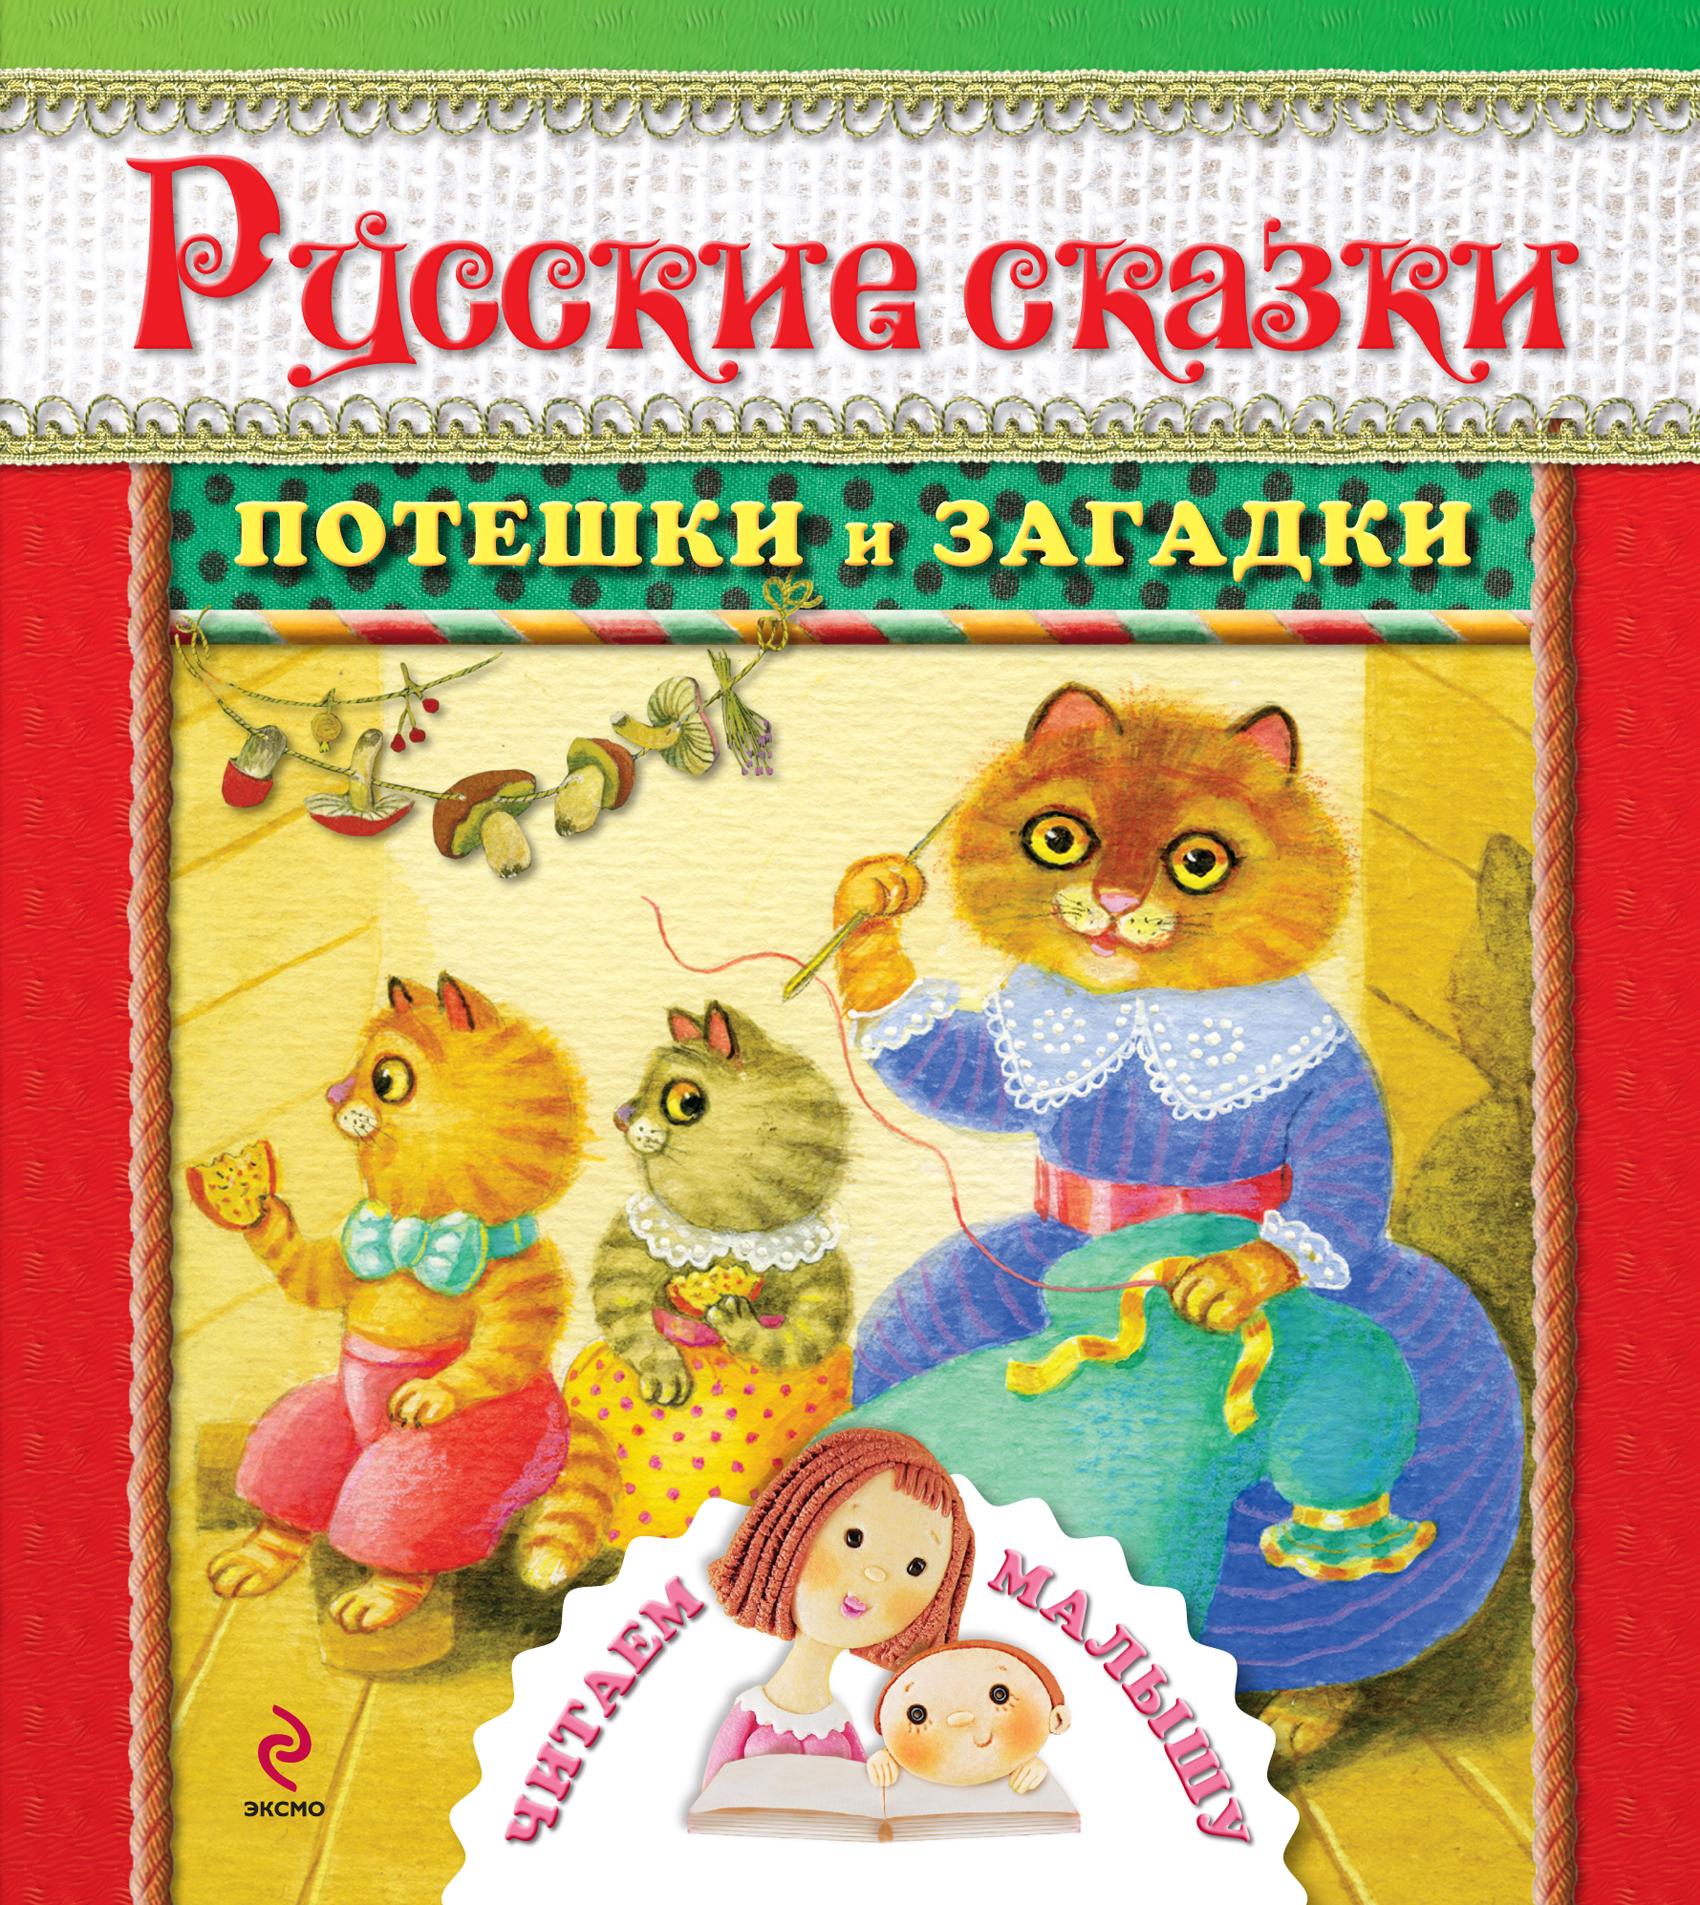 1+ Русские сказки, потешки и загадки колобок русские народные сказки и потешки